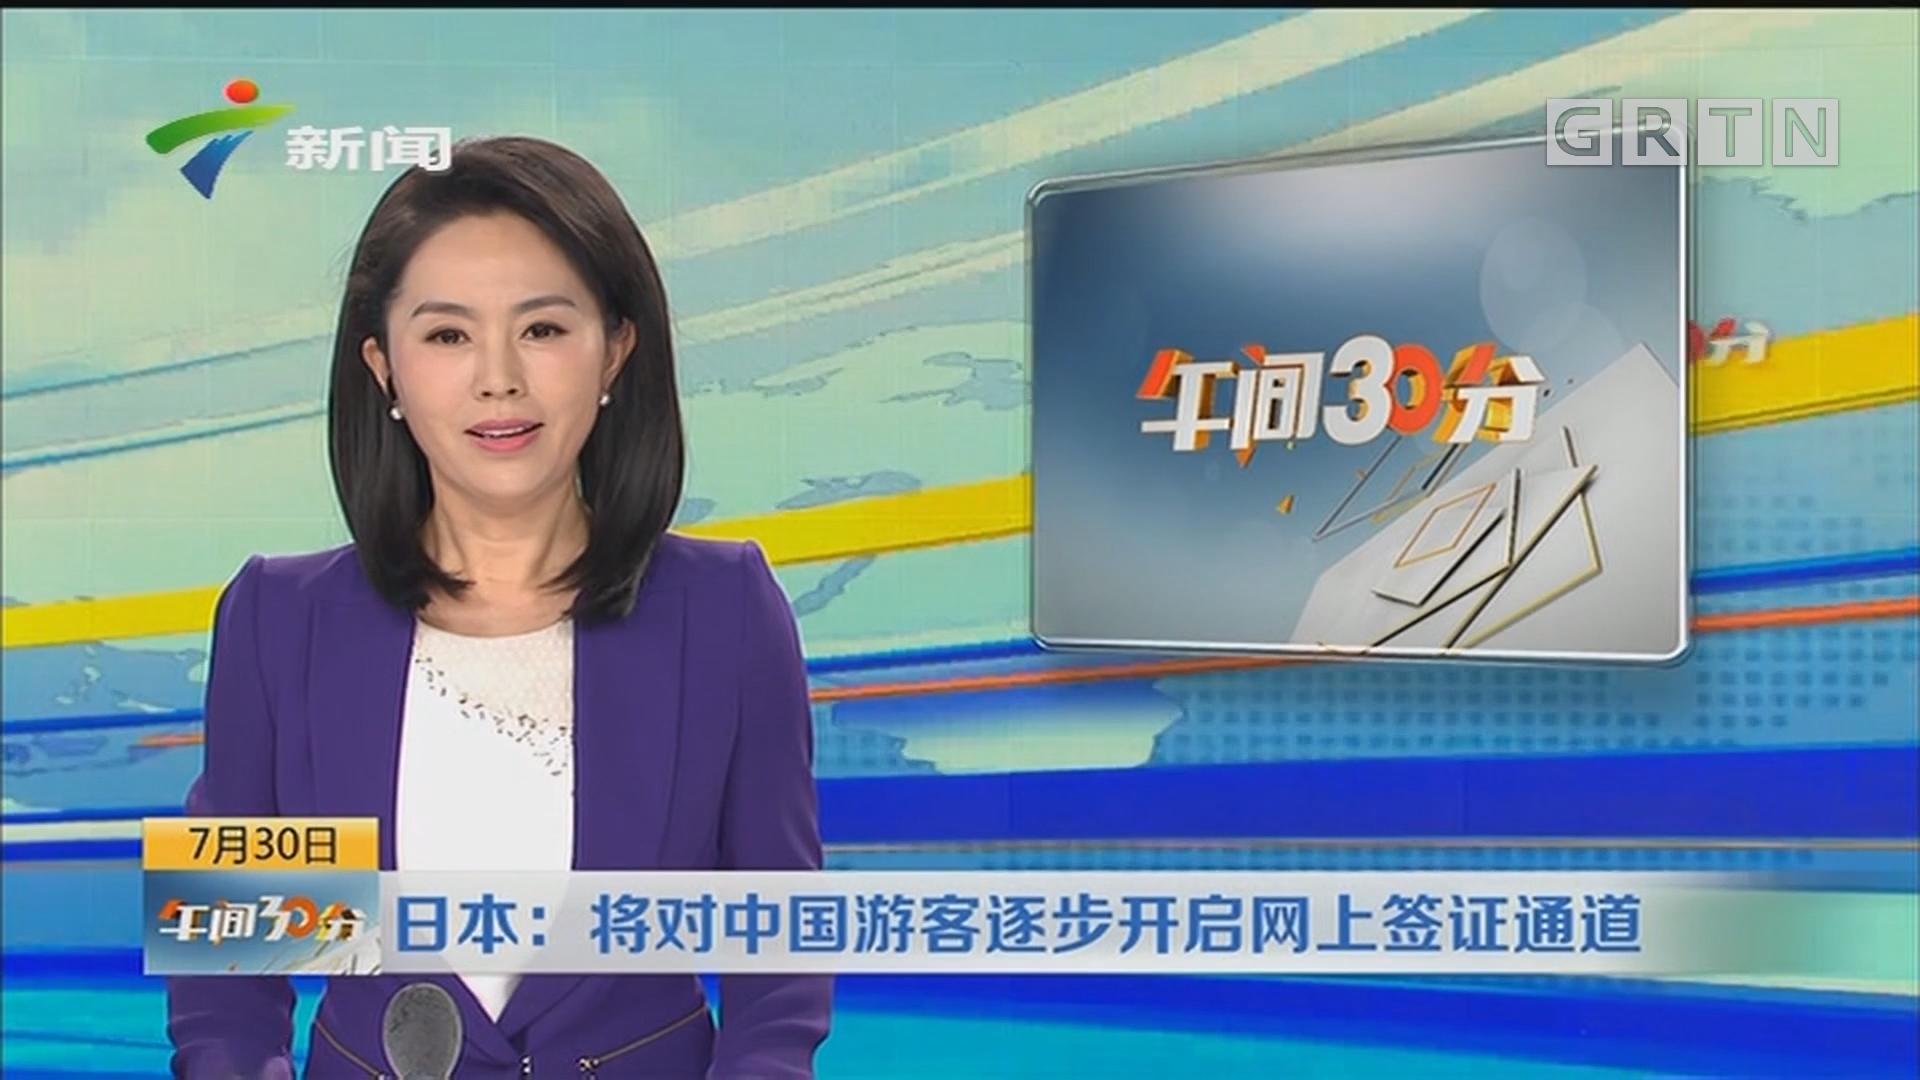 日本:将对中国游客逐步开启网上签证通道